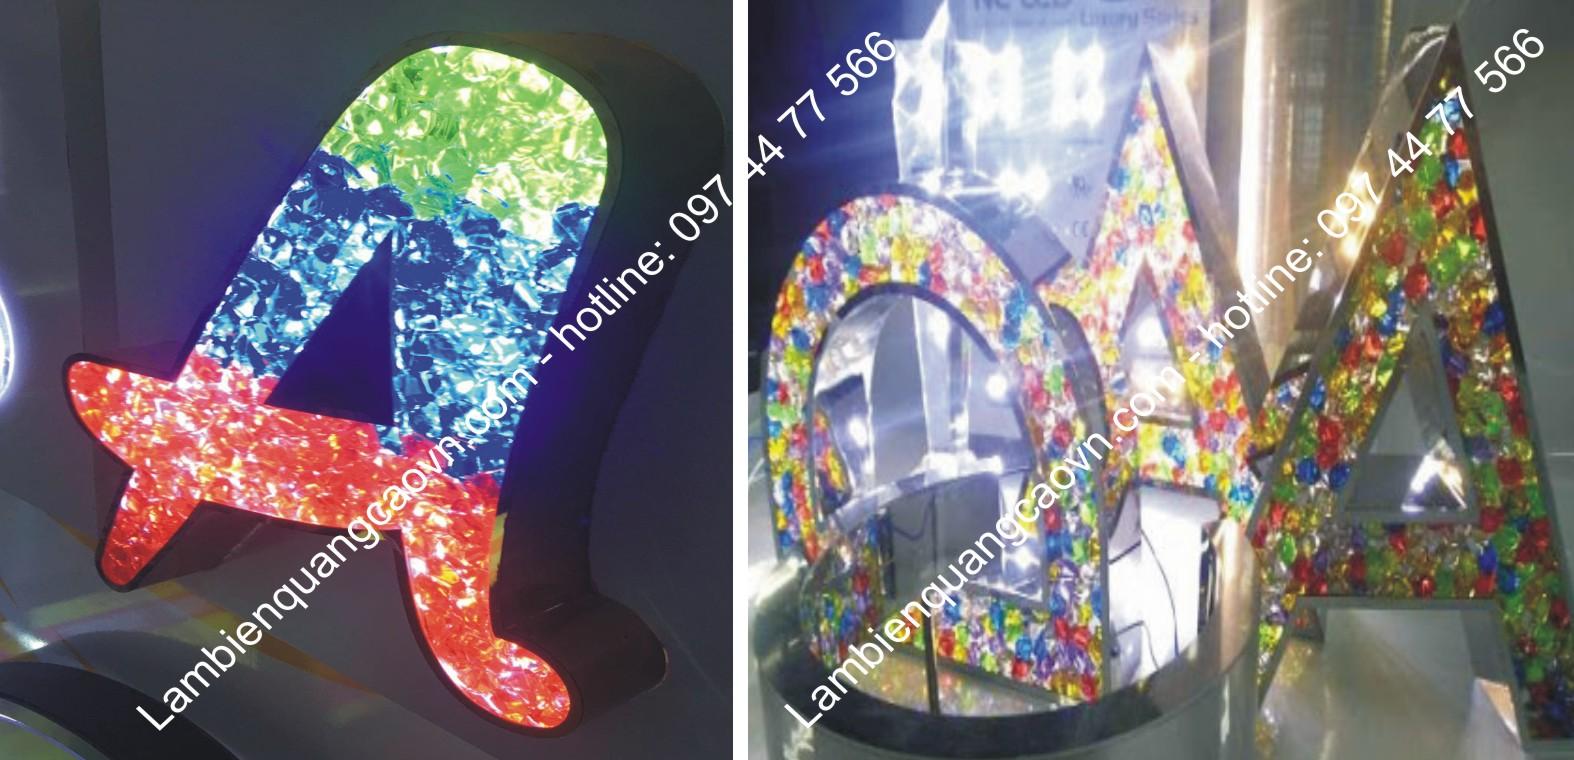 làm chữ nổi inox gắn hạt nhựa sáng led